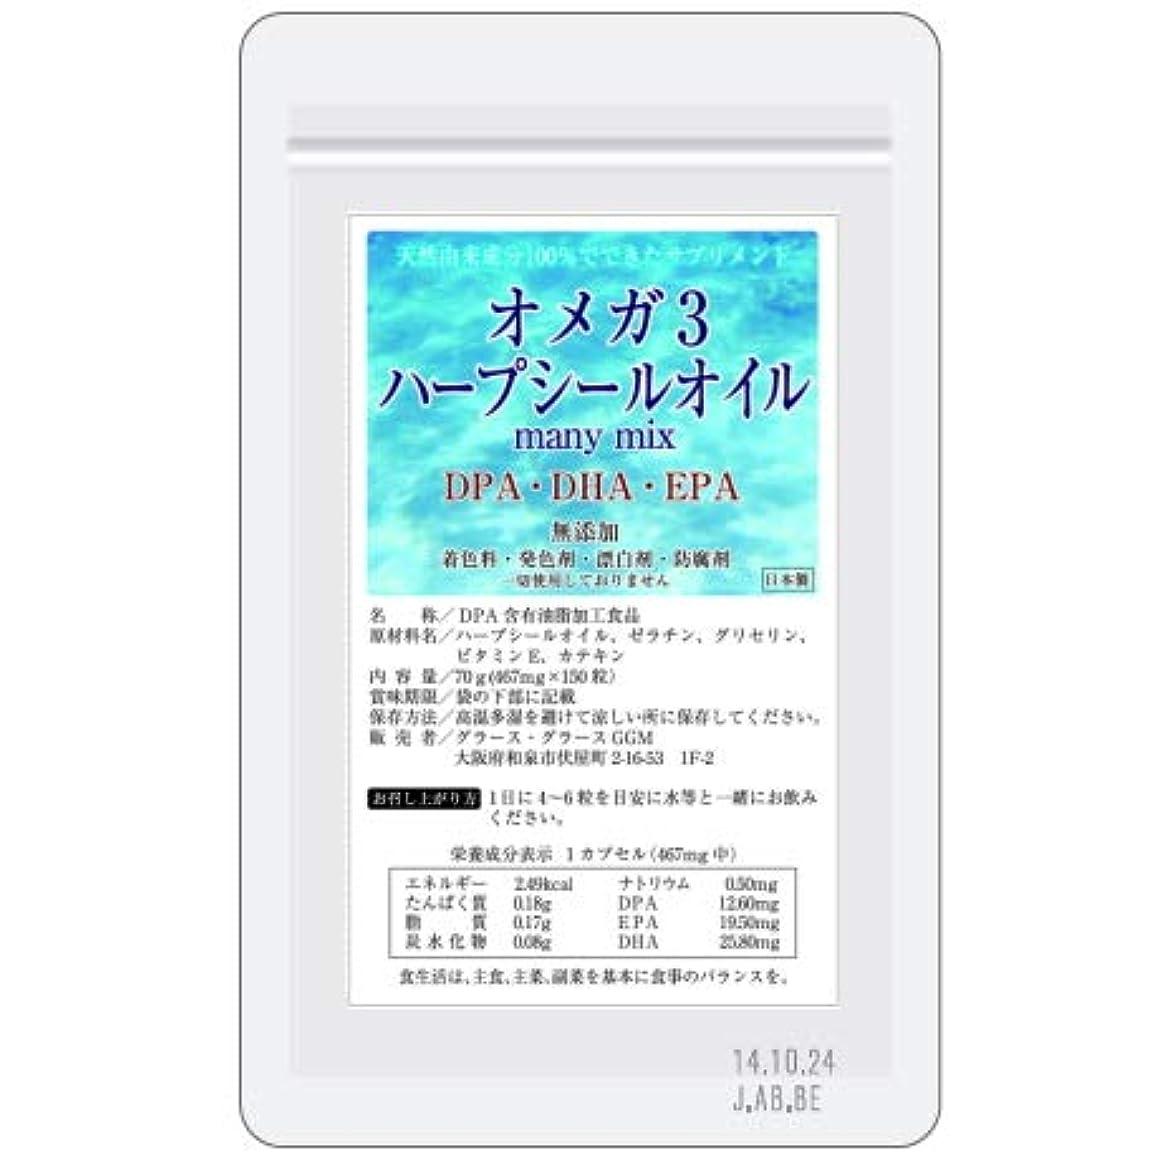 捨てるオープニングダッシュオメガ3 ハープシールオイル(アザラシオイル) many mix 150粒